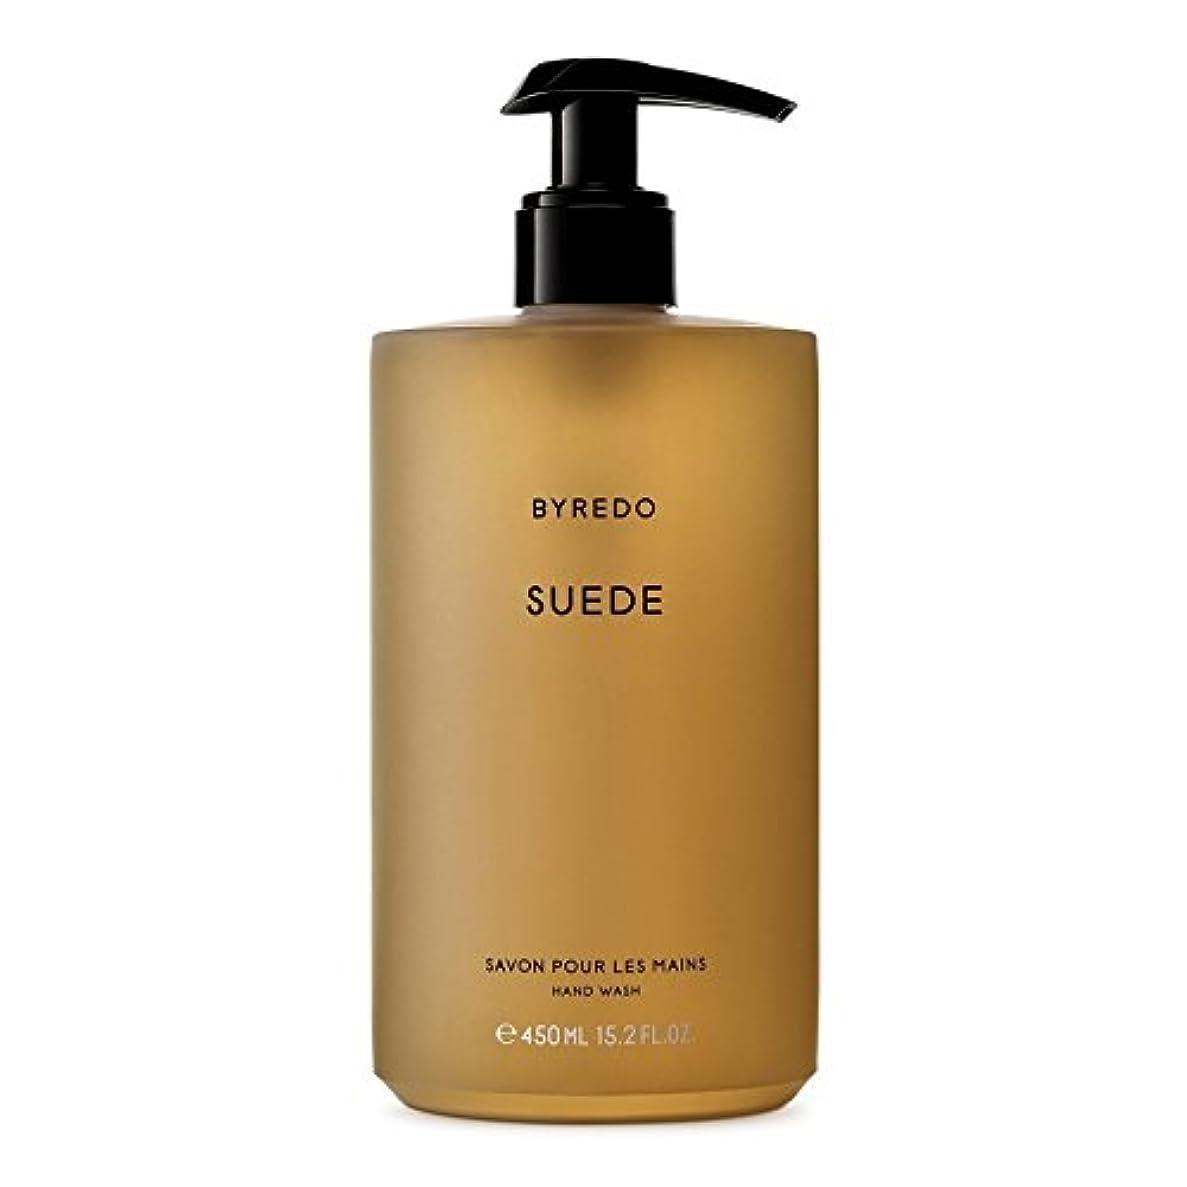 生き返らせるキャメル道Byredo Suede Hand Wash 450ml - スエードのハンドウォッシュ450ミリリットル [並行輸入品]